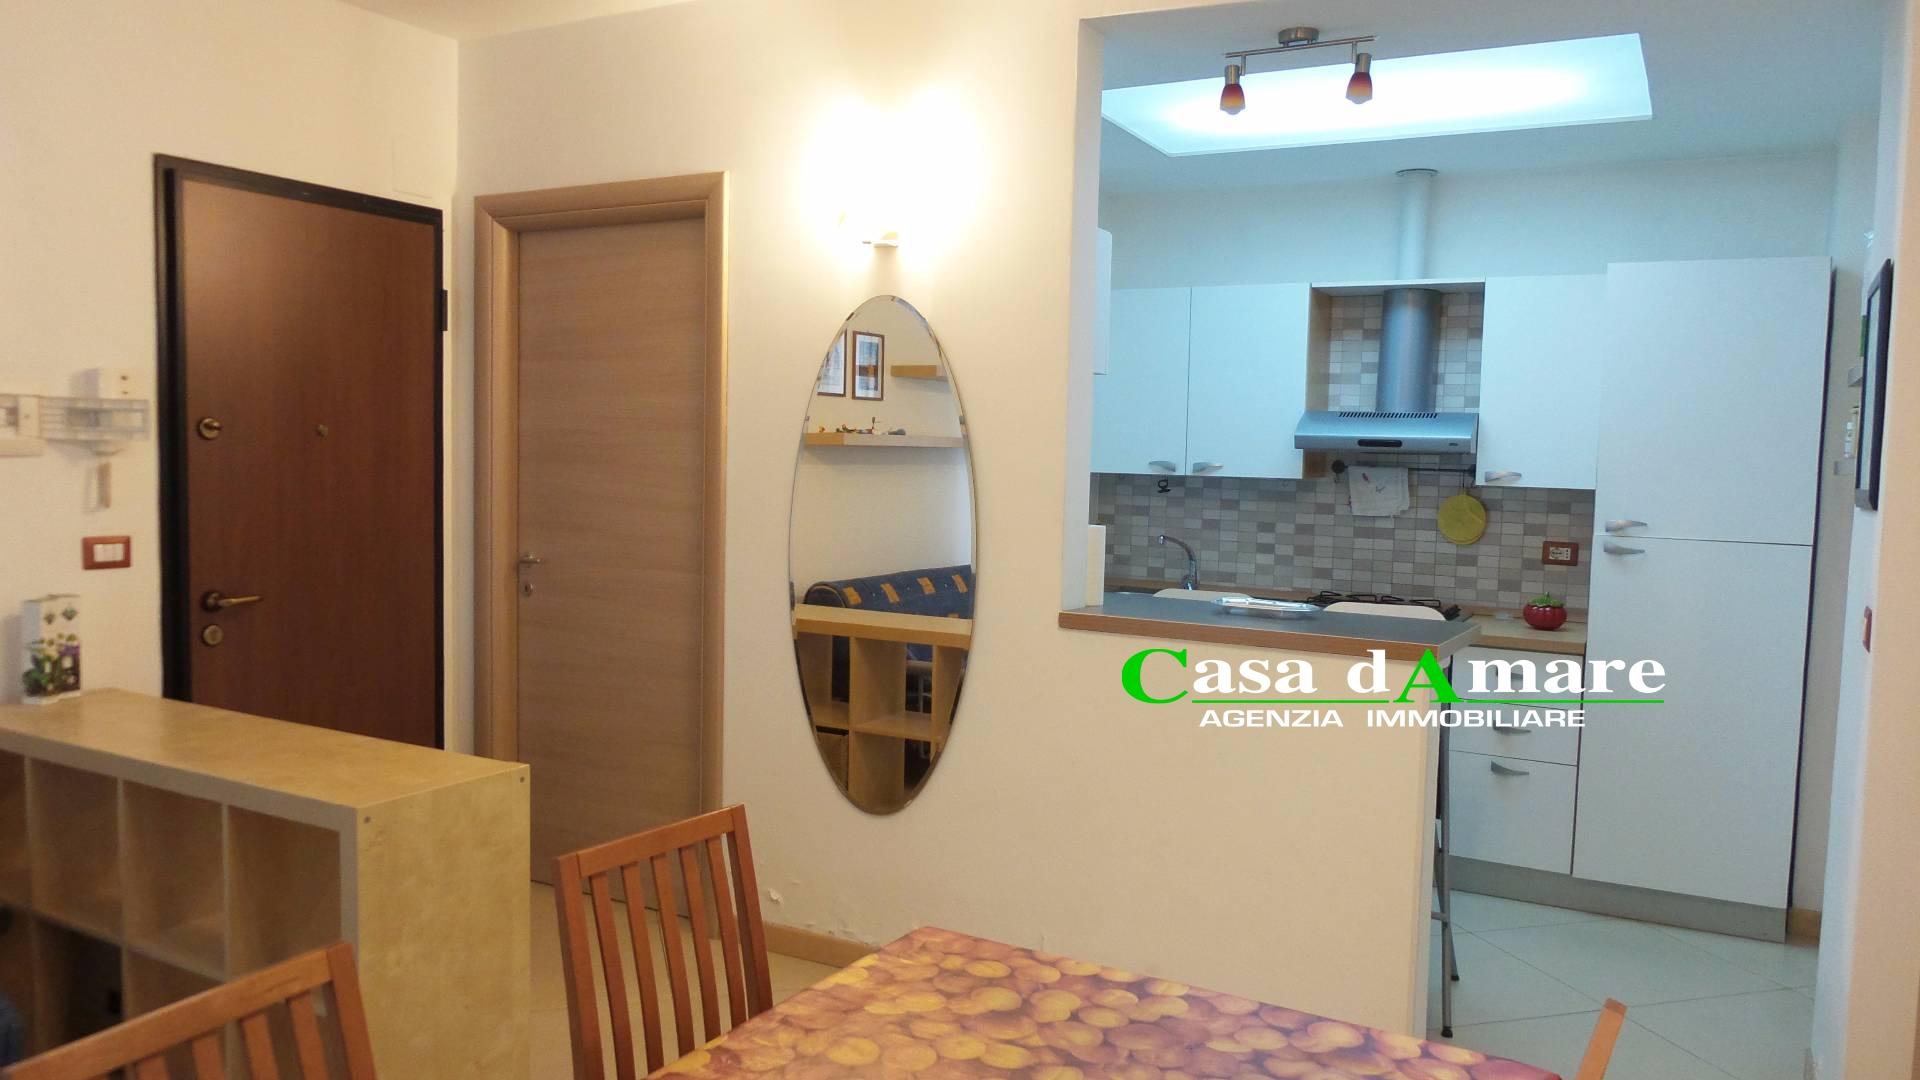 Appartamento in vendita a San Benedetto del Tronto, 3 locali, zona Località: PortodAscoli, prezzo € 95.000 | Cambio Casa.it